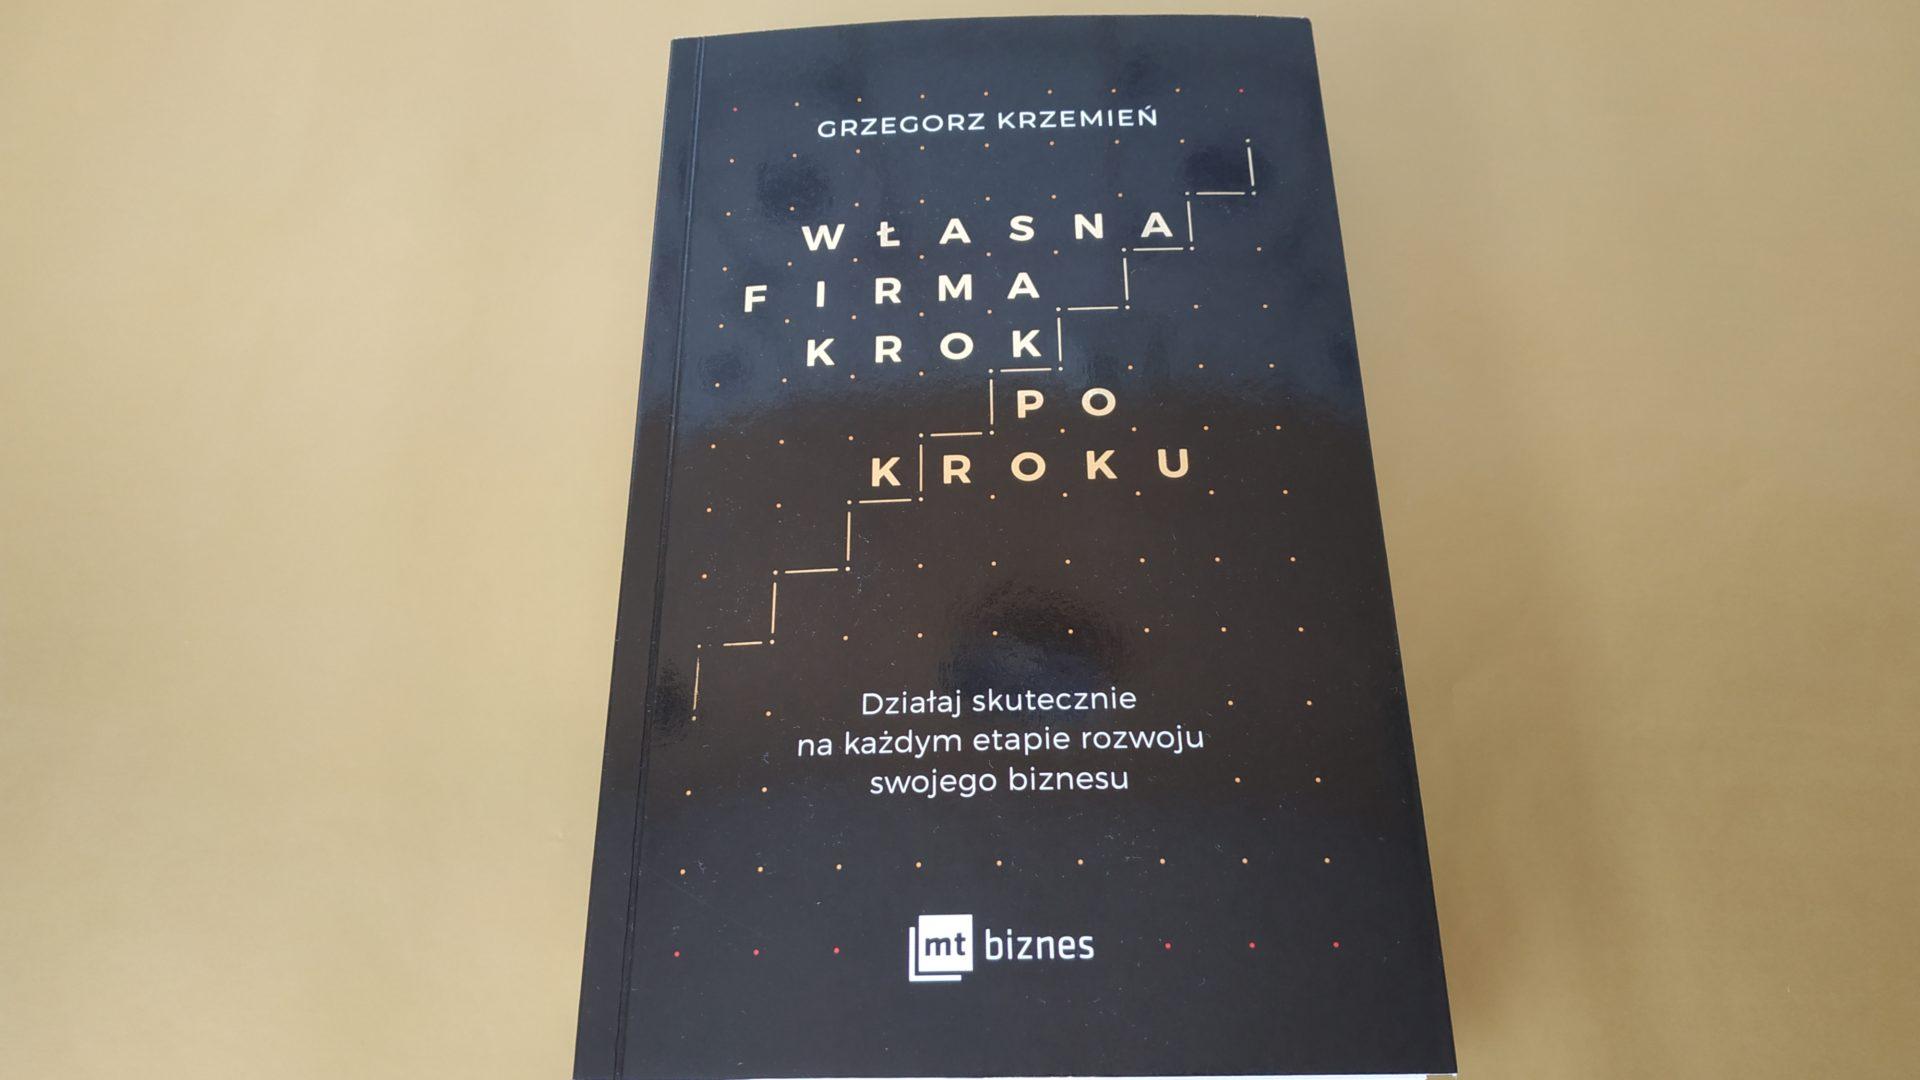 """""""Własna firma krok po kroku"""" - Grzegorz Krzemień"""